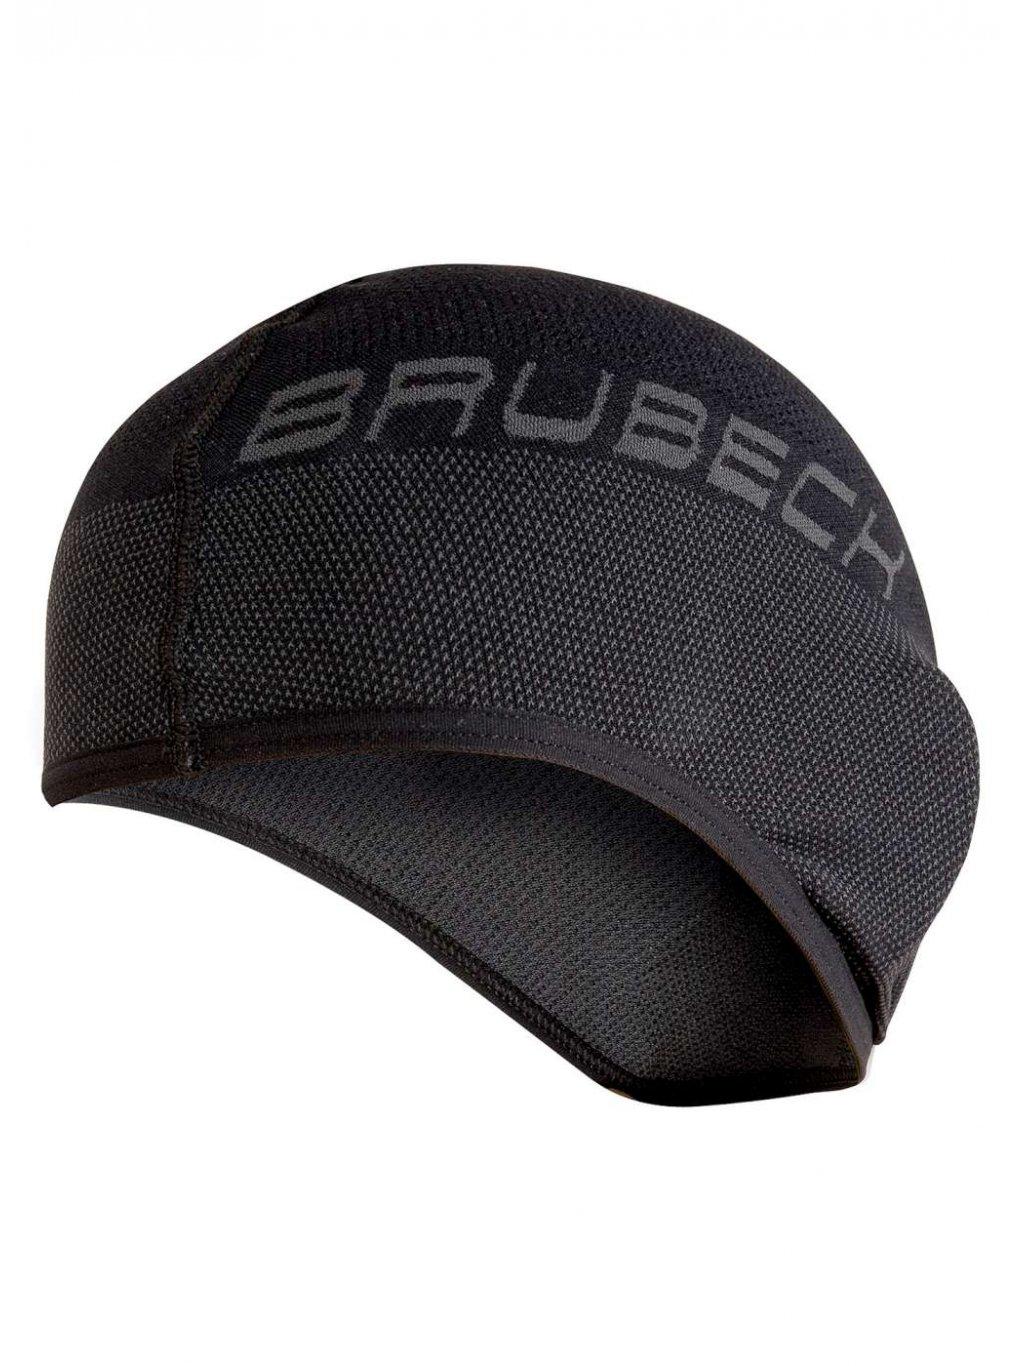 Brubeck univerzální čepice Accessories (Barva Černá, Velikost S/M)